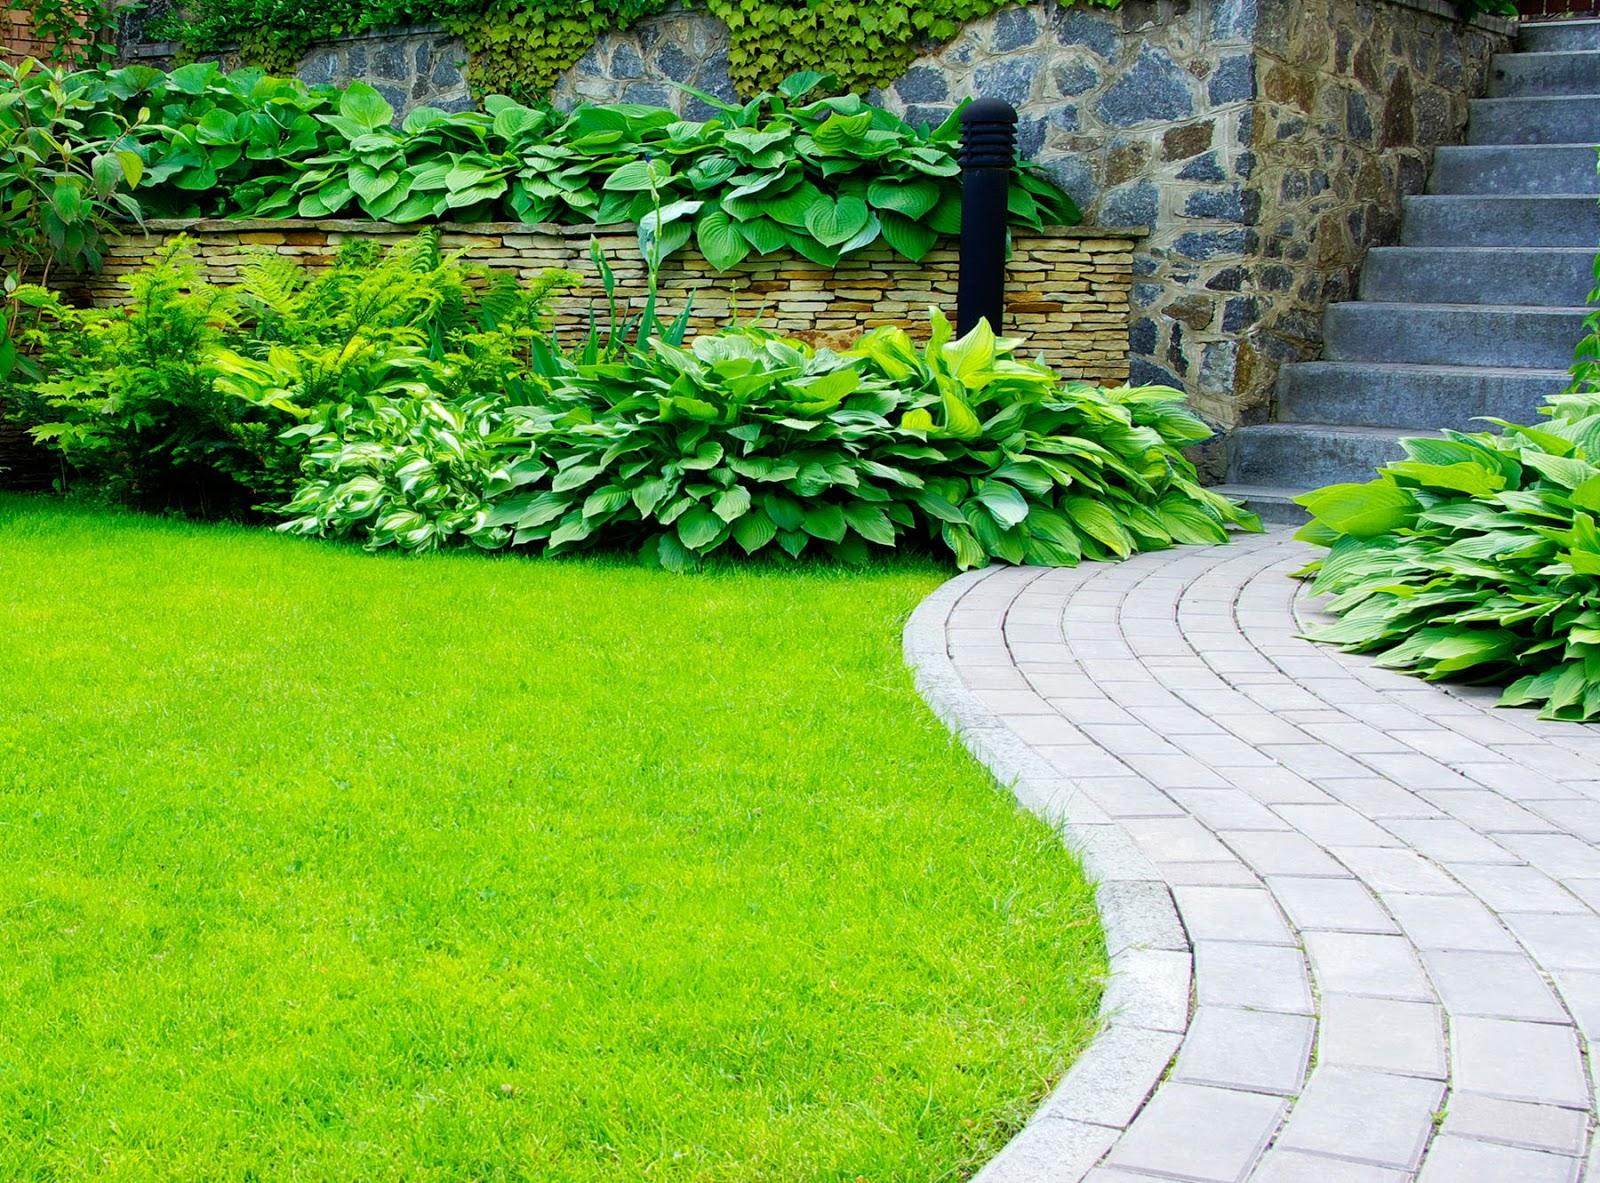 Banco de im genes 9 fotos de jardines dise o exterior for Diseno jardines